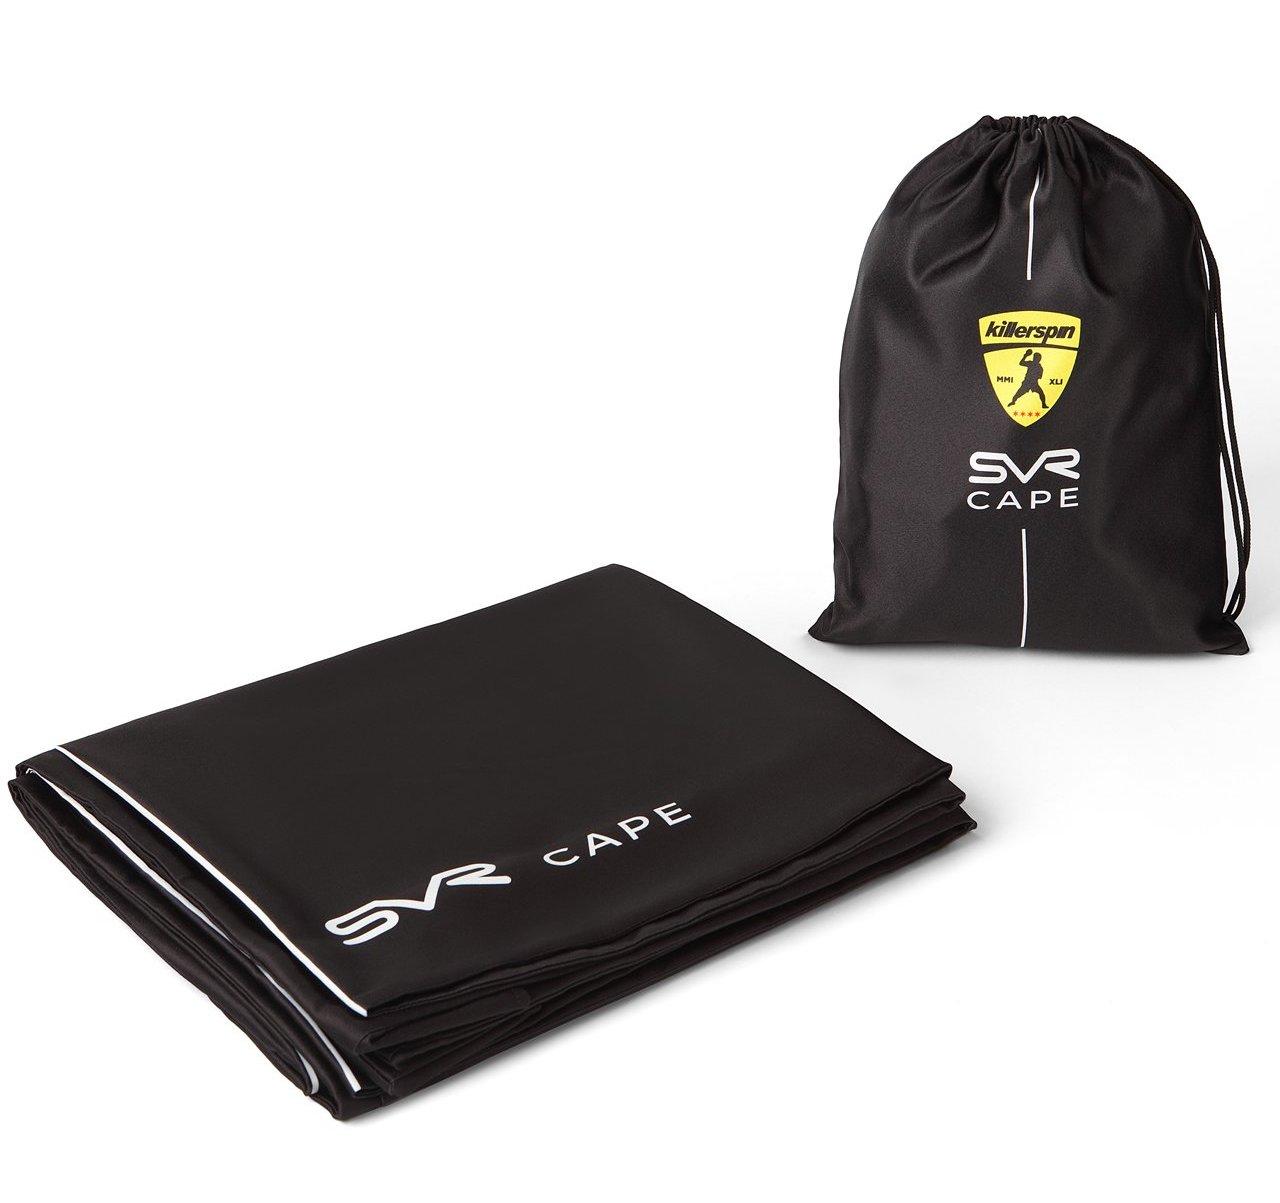 0db13d6c47d Killerspin SVR Cape BlackSteel - folded with bag